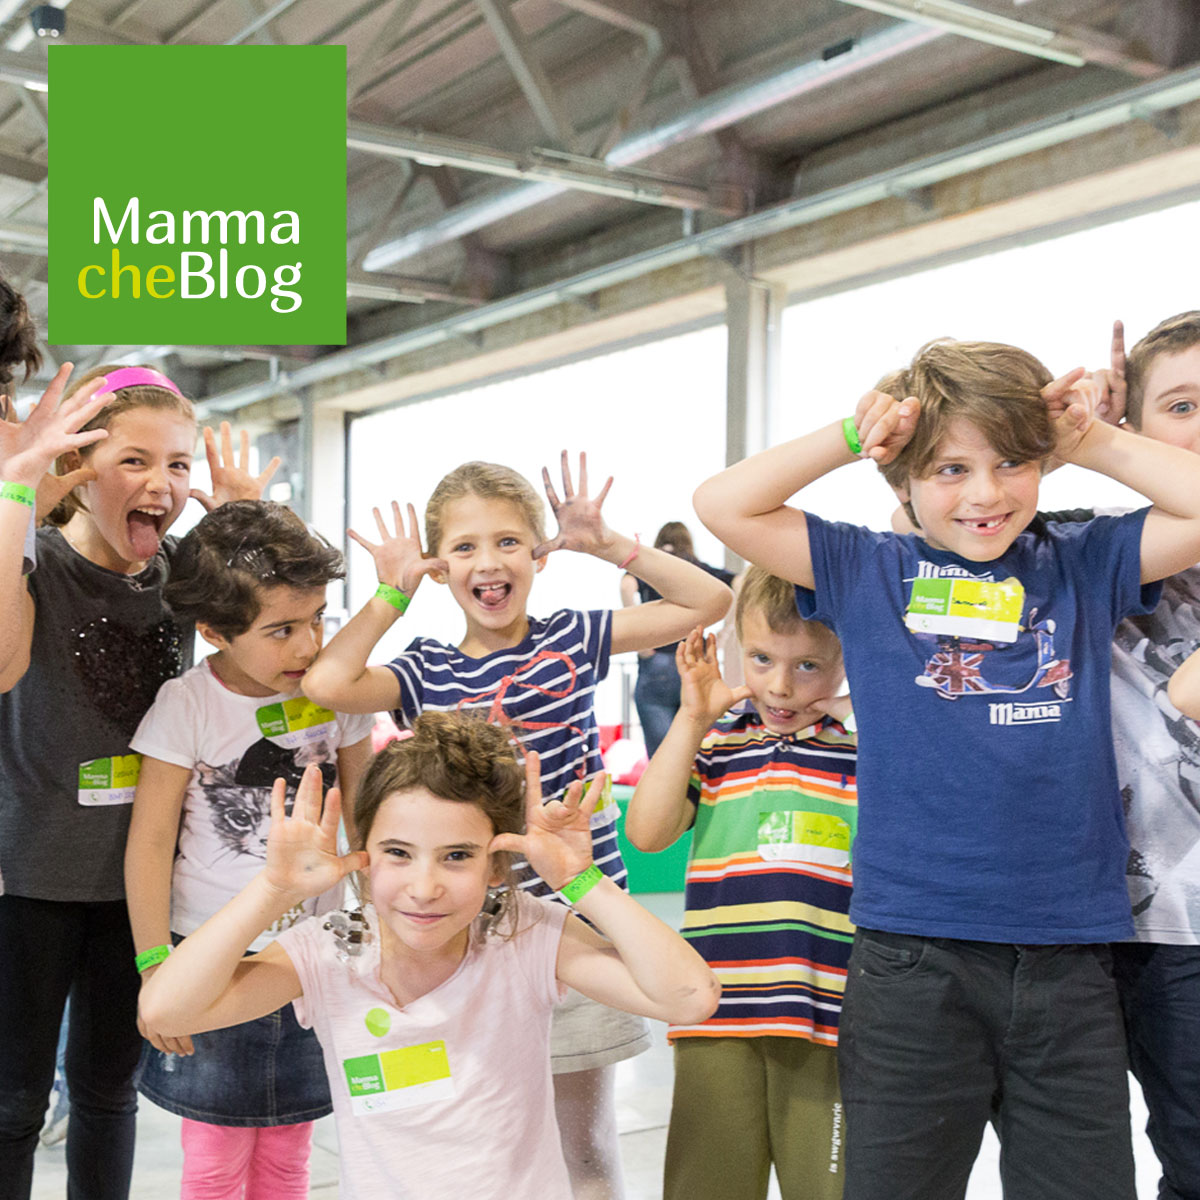 mammacheblog-bambini